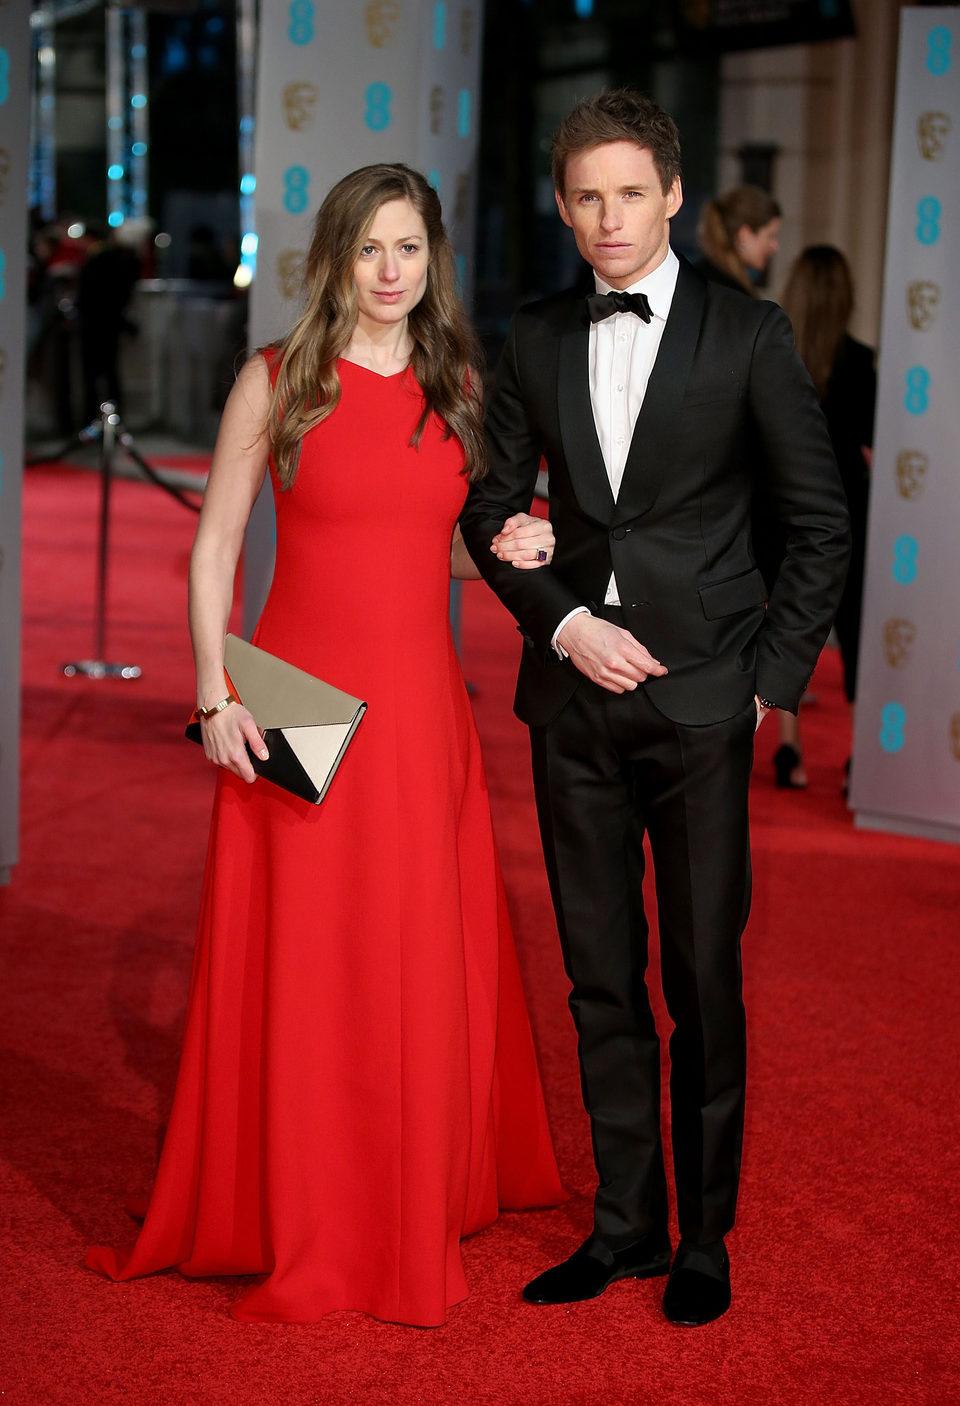 Eddie Redmayne en la alfombra roja de los BAFTA Awards 2016